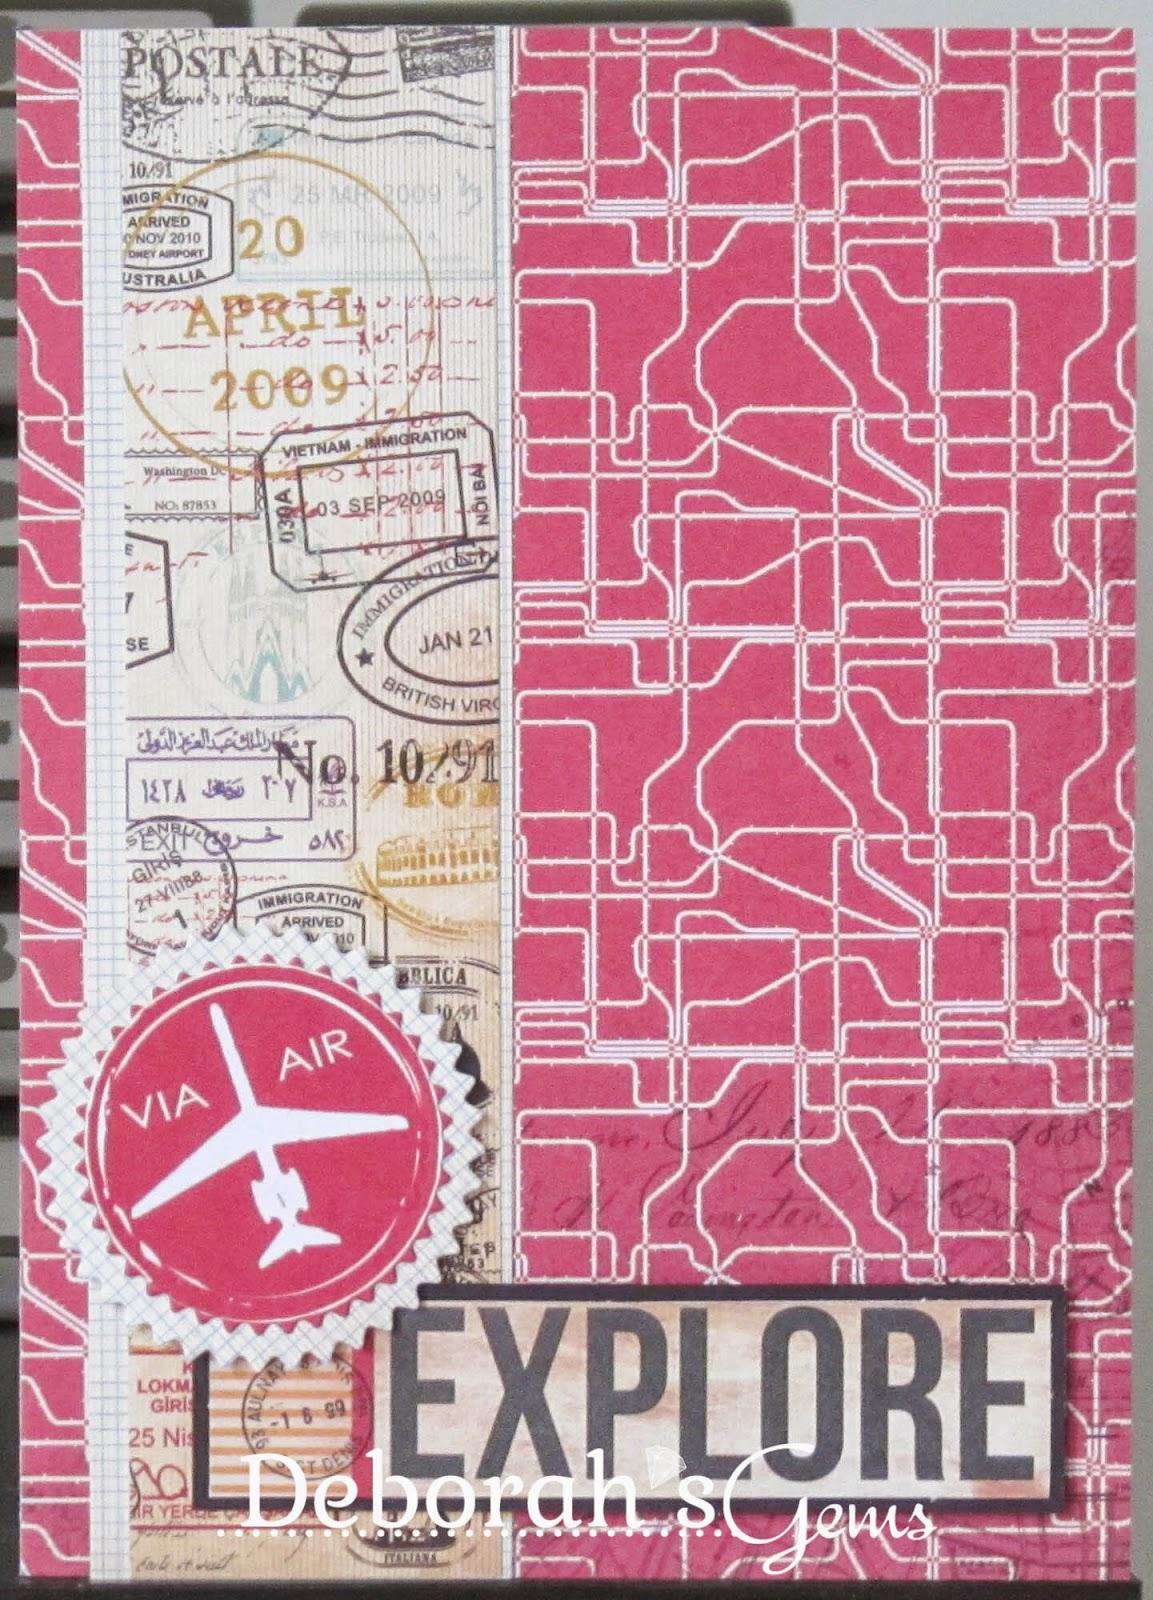 Explore - photo by Deborah Frings - Deborah's Gems